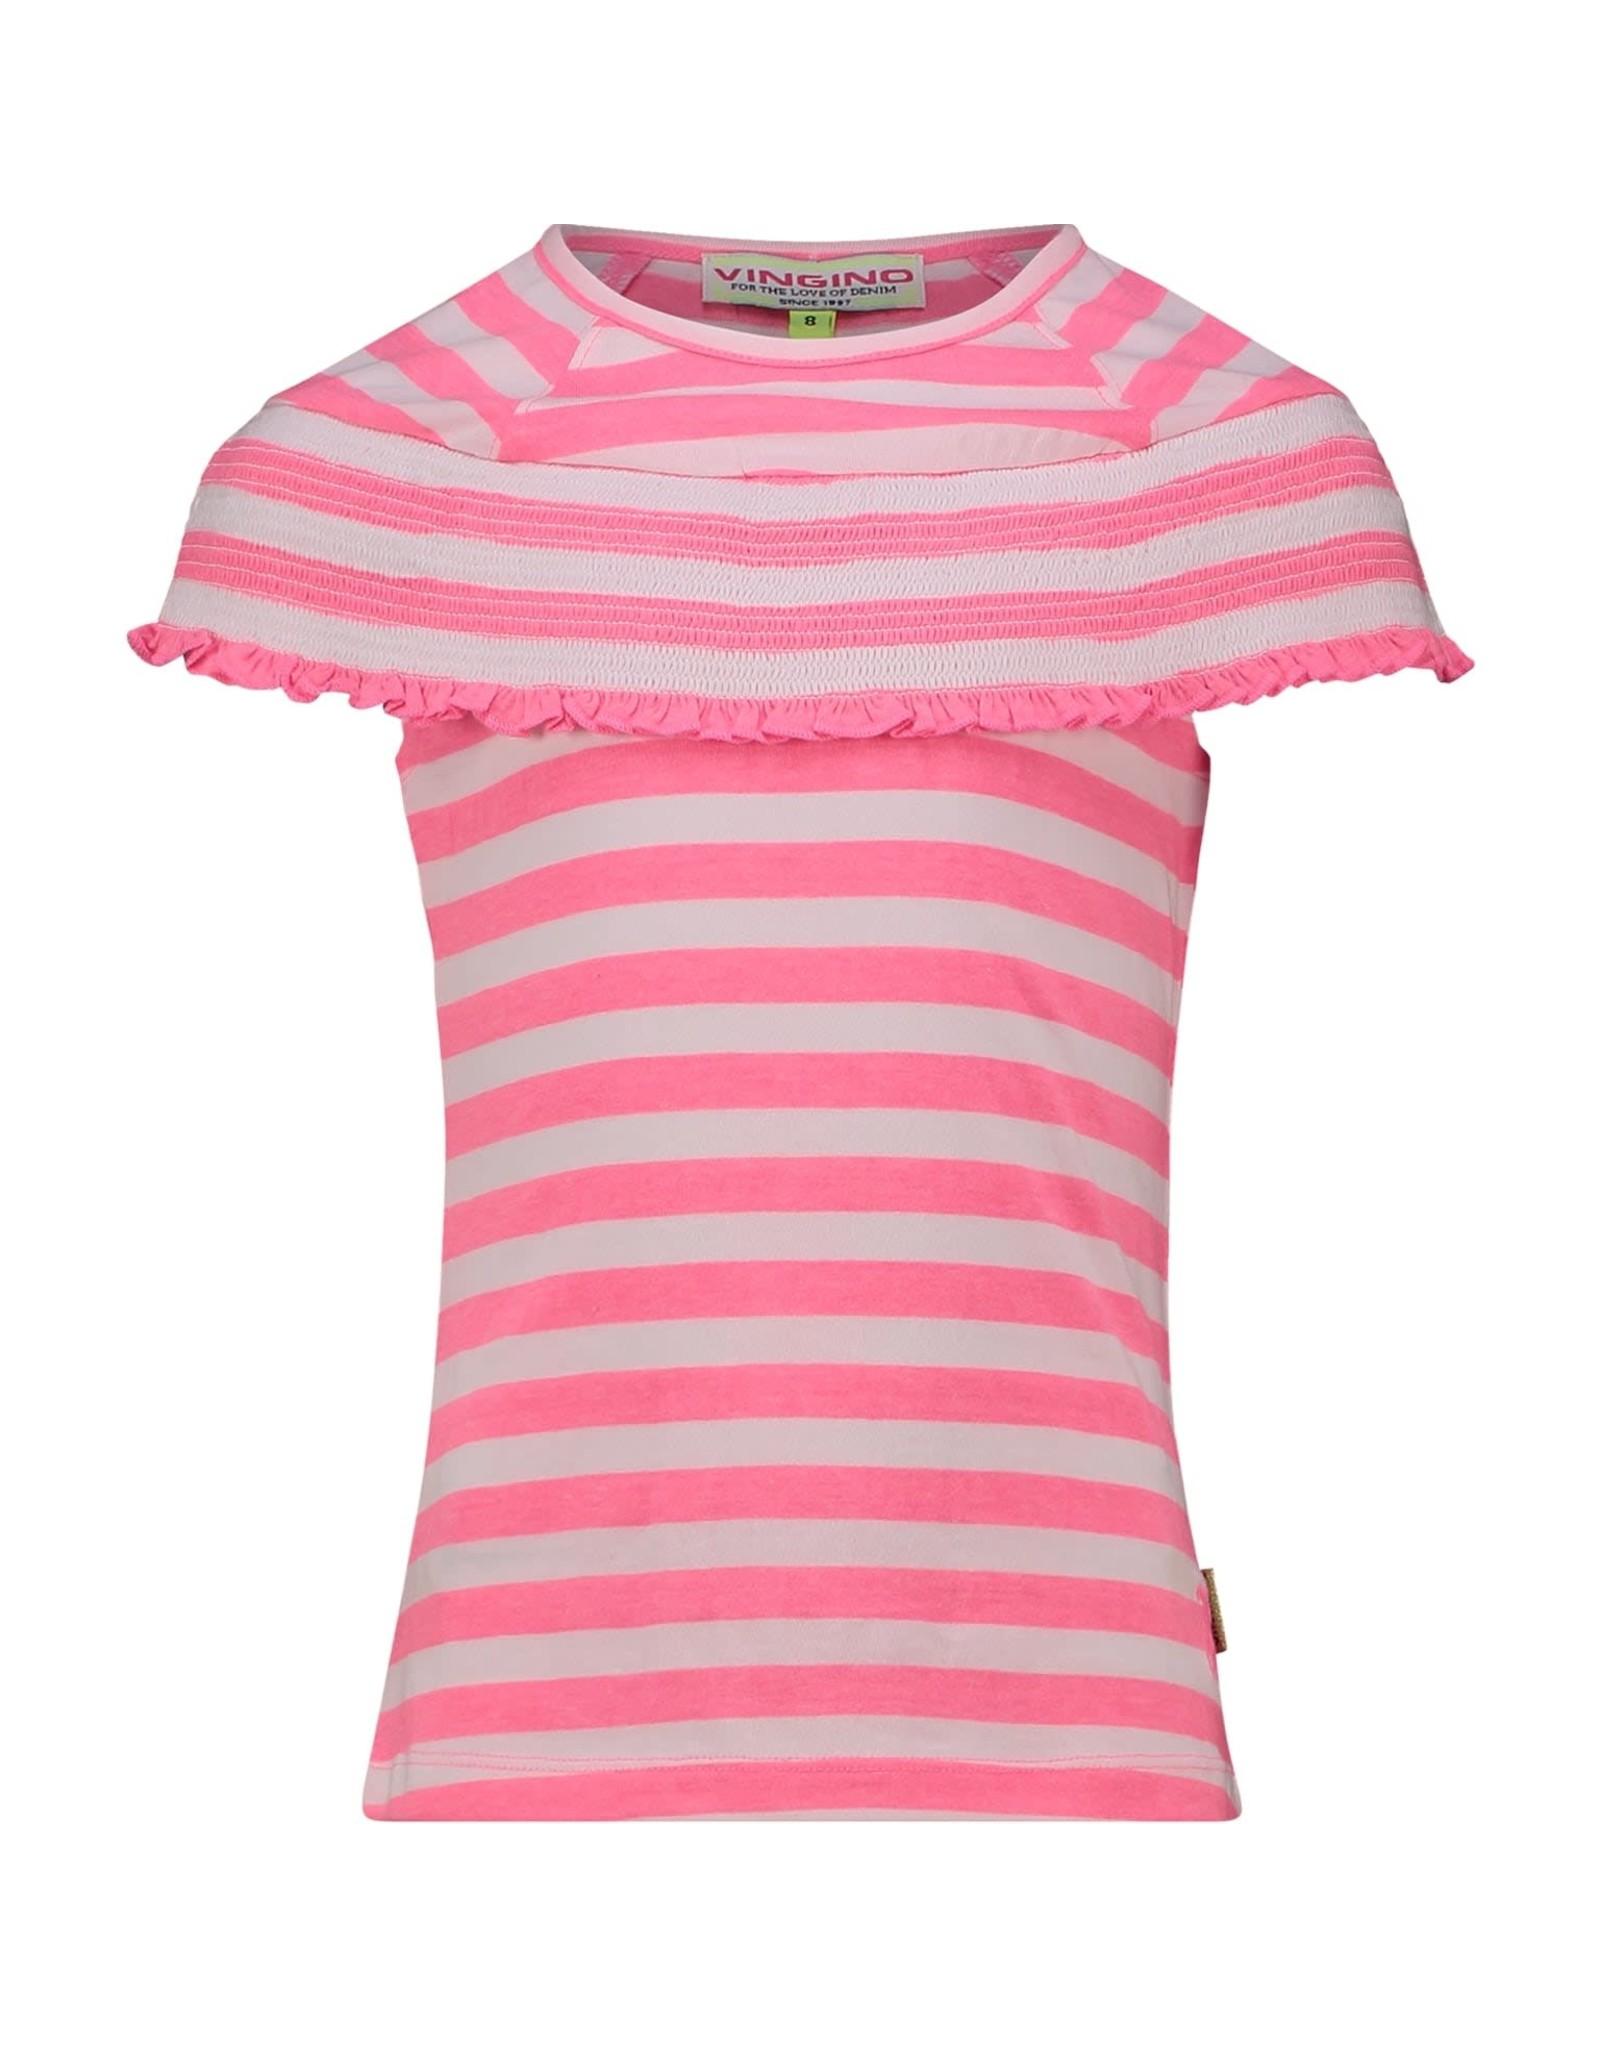 Vingino Vingino meiden t-shirt Hinkse Neon Pink